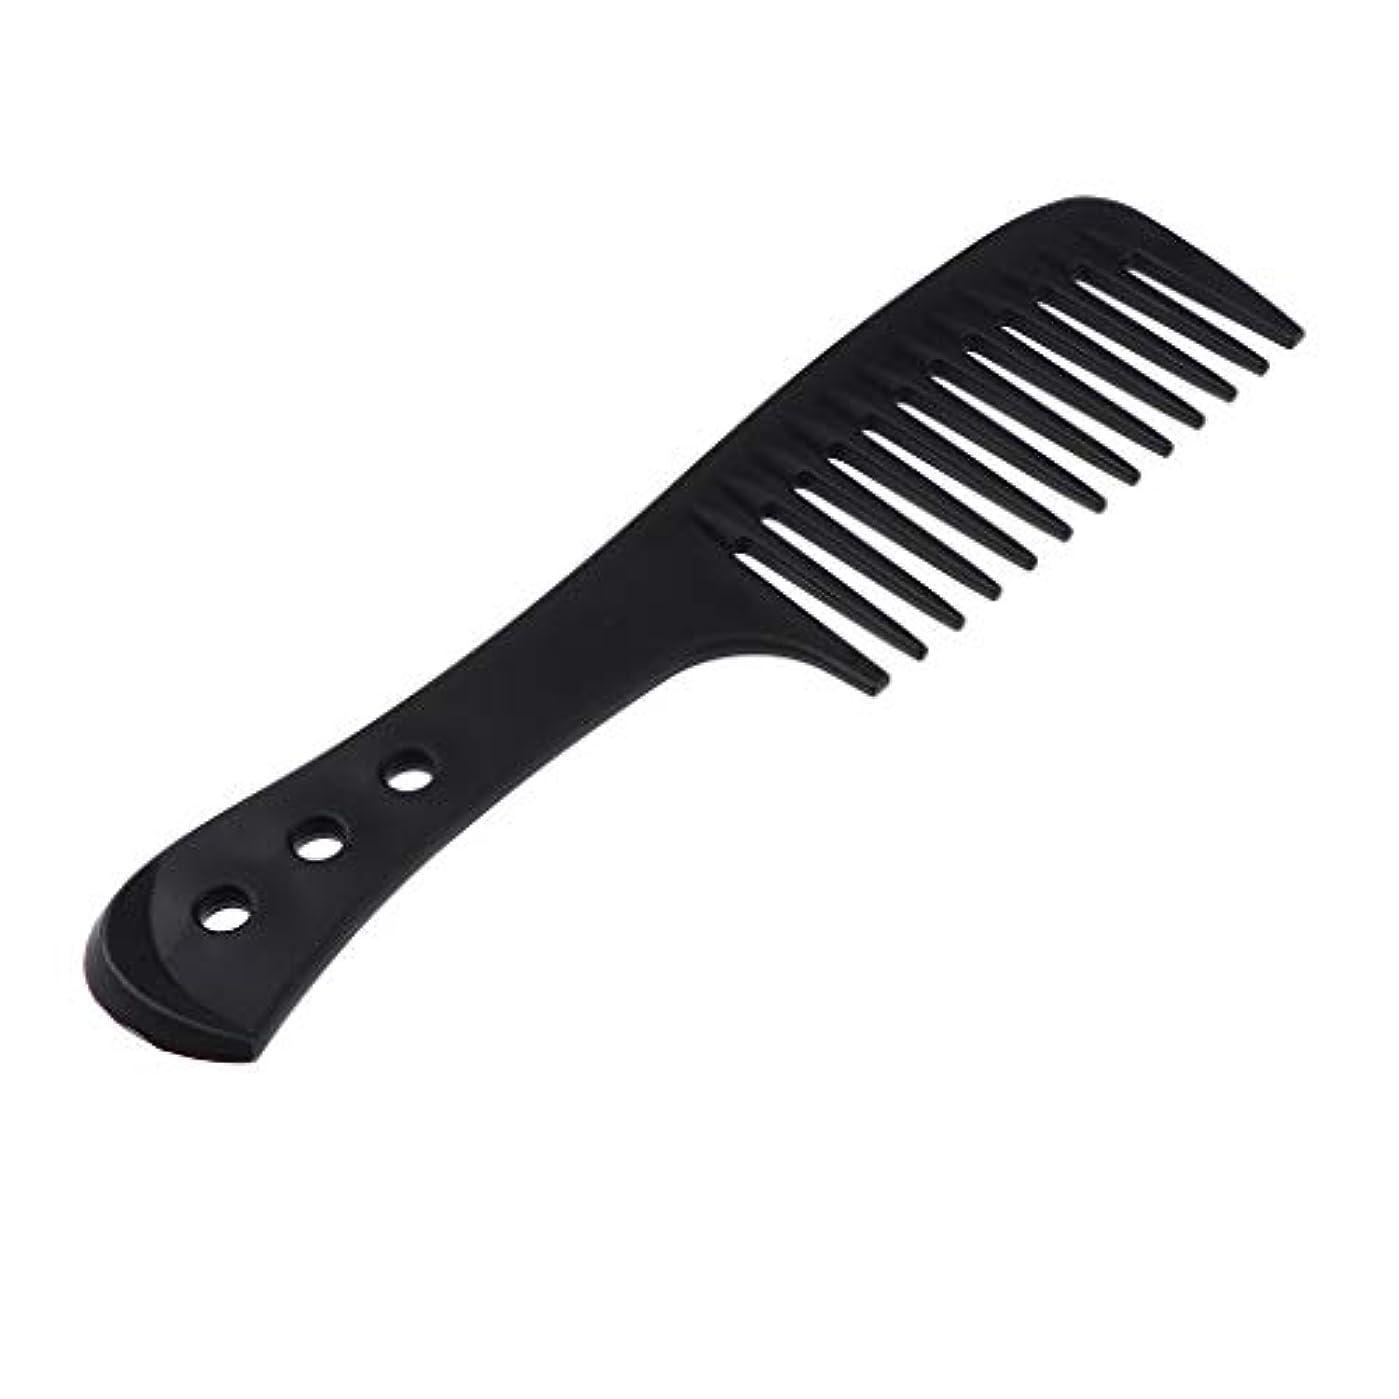 領域狂人メインT TOOYFUL ワイド歯ブラシ 美容整形 美容整形髪ブラシ 全4色 - ブラック